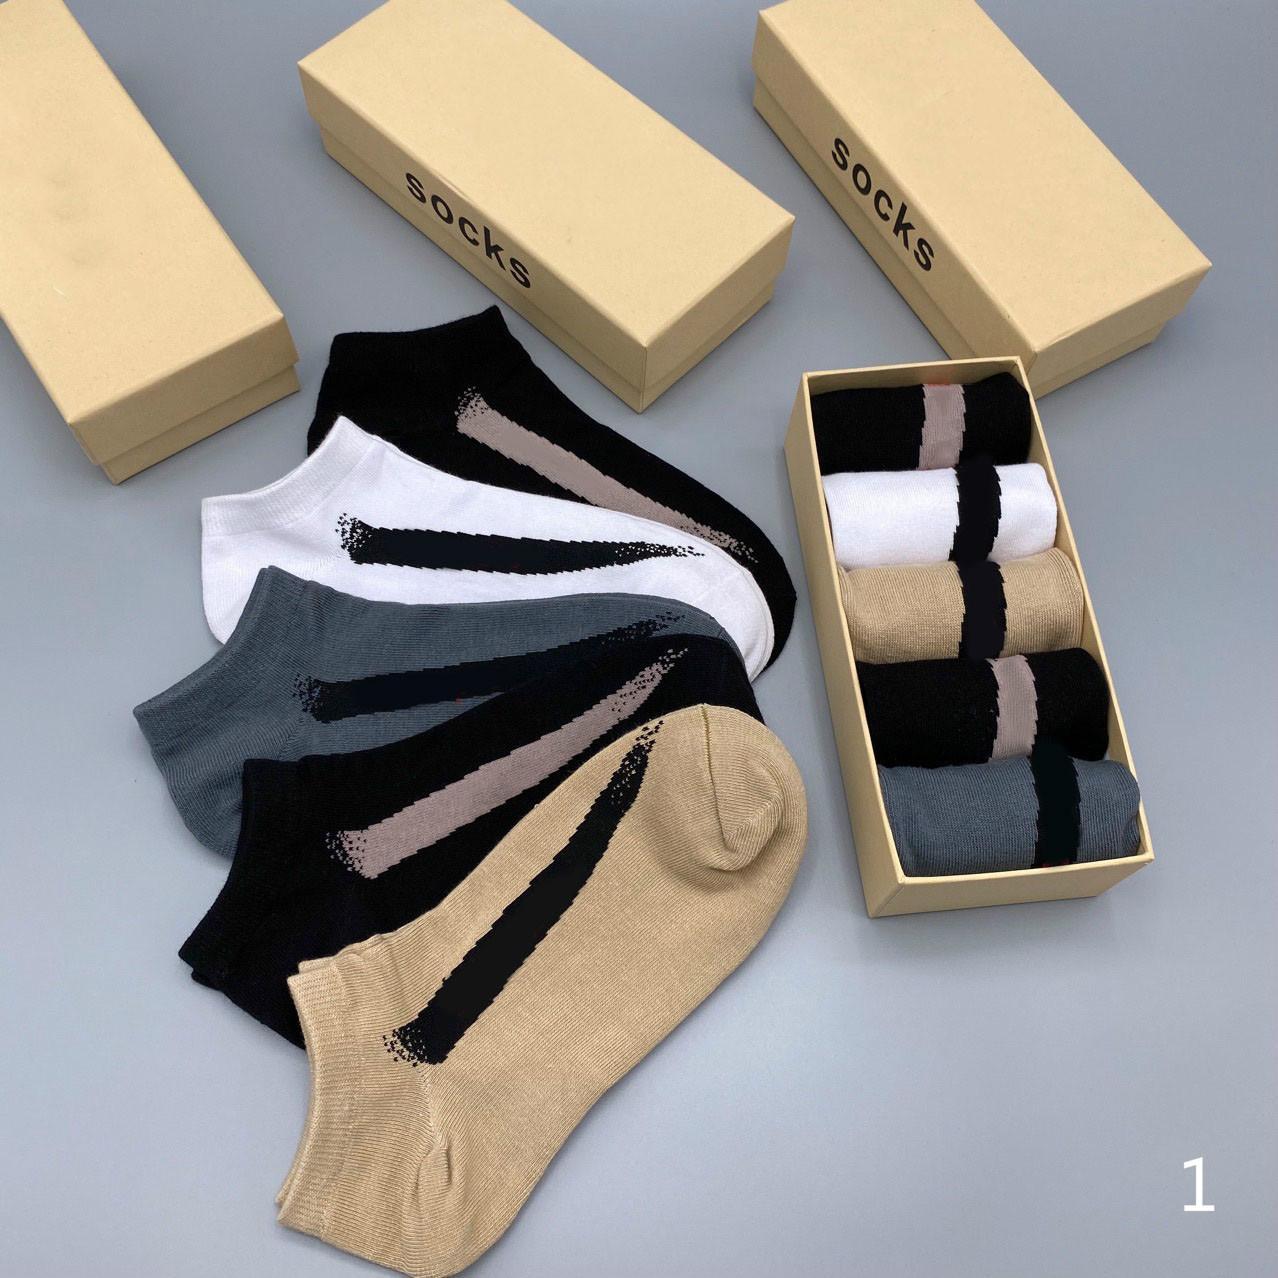 2020 nuevos Mens de calcetines de la manera Letters calcetines de niños activos Tops Running Wear por mayor 5 pares de calcetines en caja lll207315